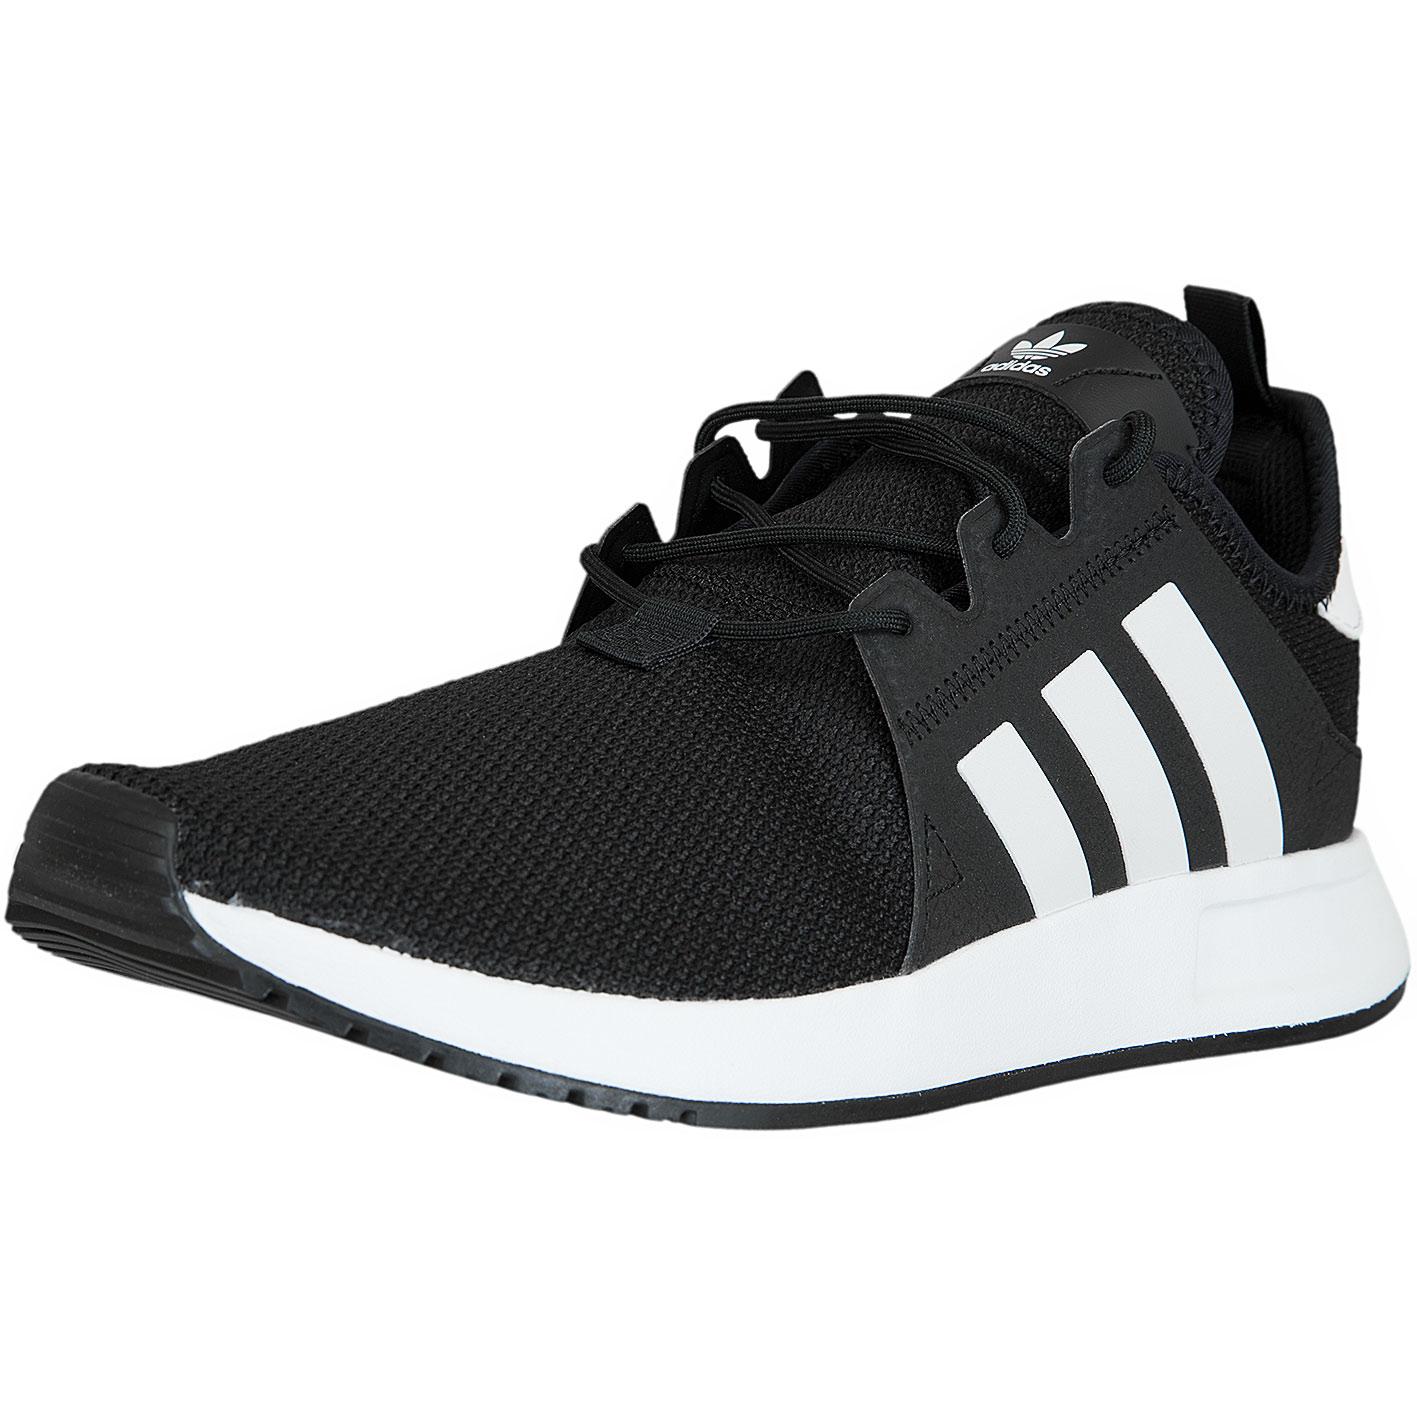 31607a5cd3d1cd ☆ Adidas Originals Sneaker X PLR schwarz weiß - hier bestellen!